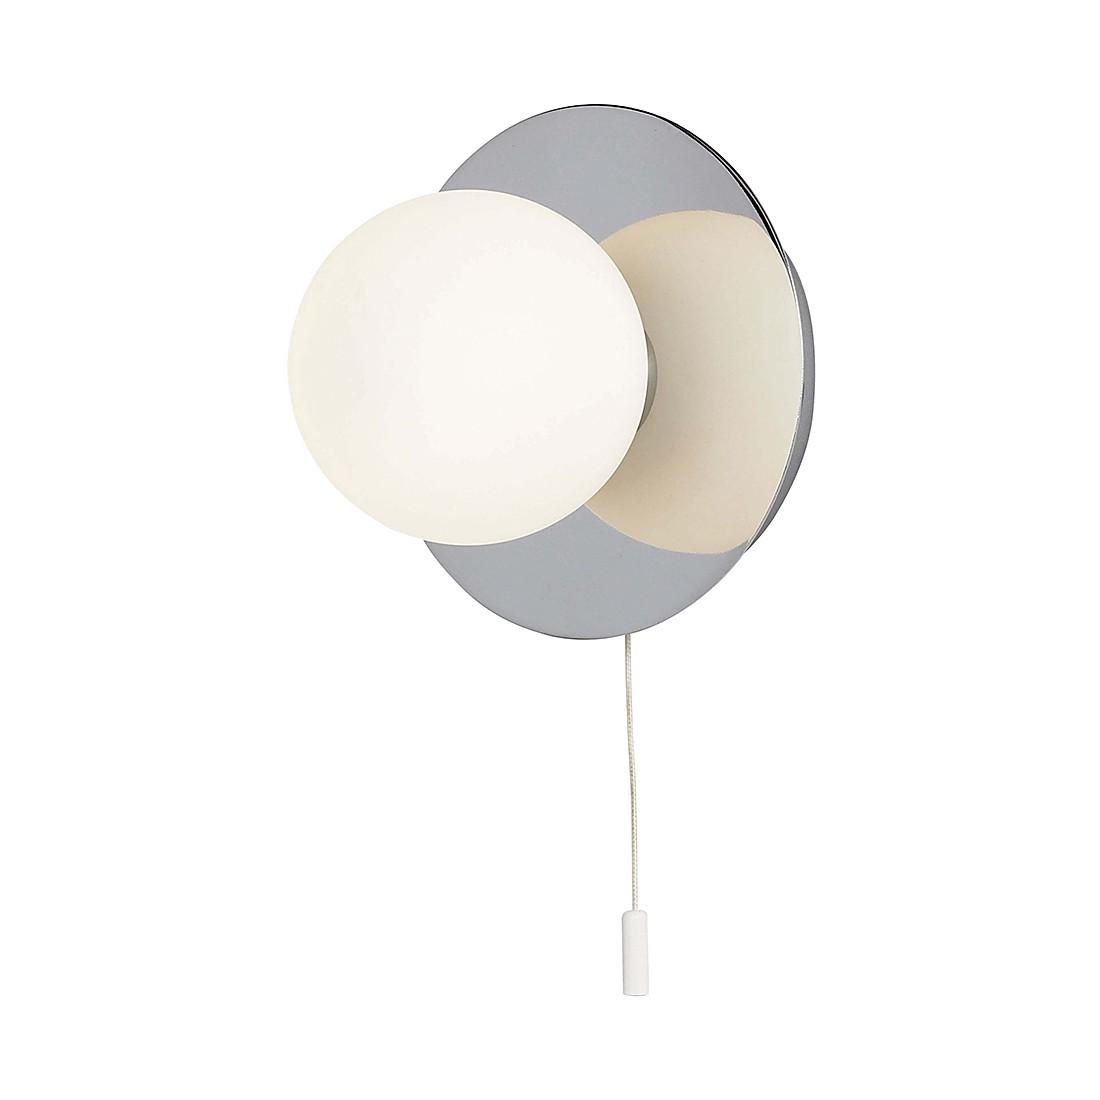 EEK A++, Wand- & Deckenleuchten Sally – Metall/Glas – Silber – 1-flammig, Brilliant günstig online kaufen